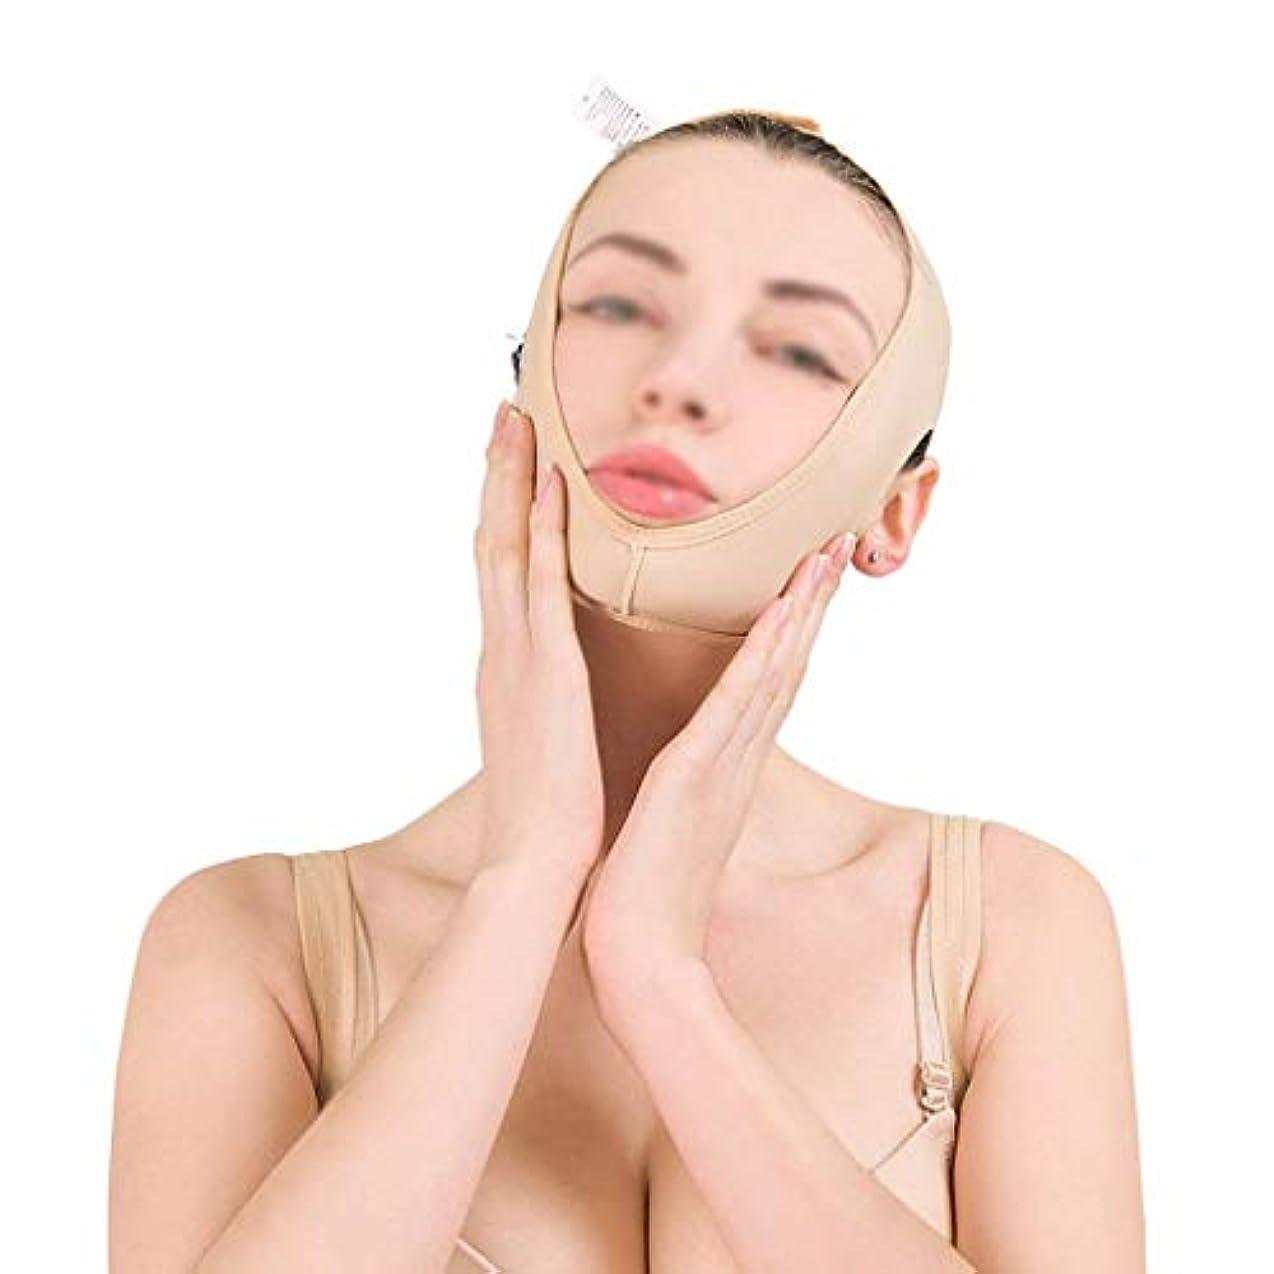 協力的ヒット面積マスク減量、肌の包帯を引き締めるリフティングフェイスバンド、フェイスリフティング、ダブルチンビューティバンデージ、フェイスリフト(サイズ:L),XL